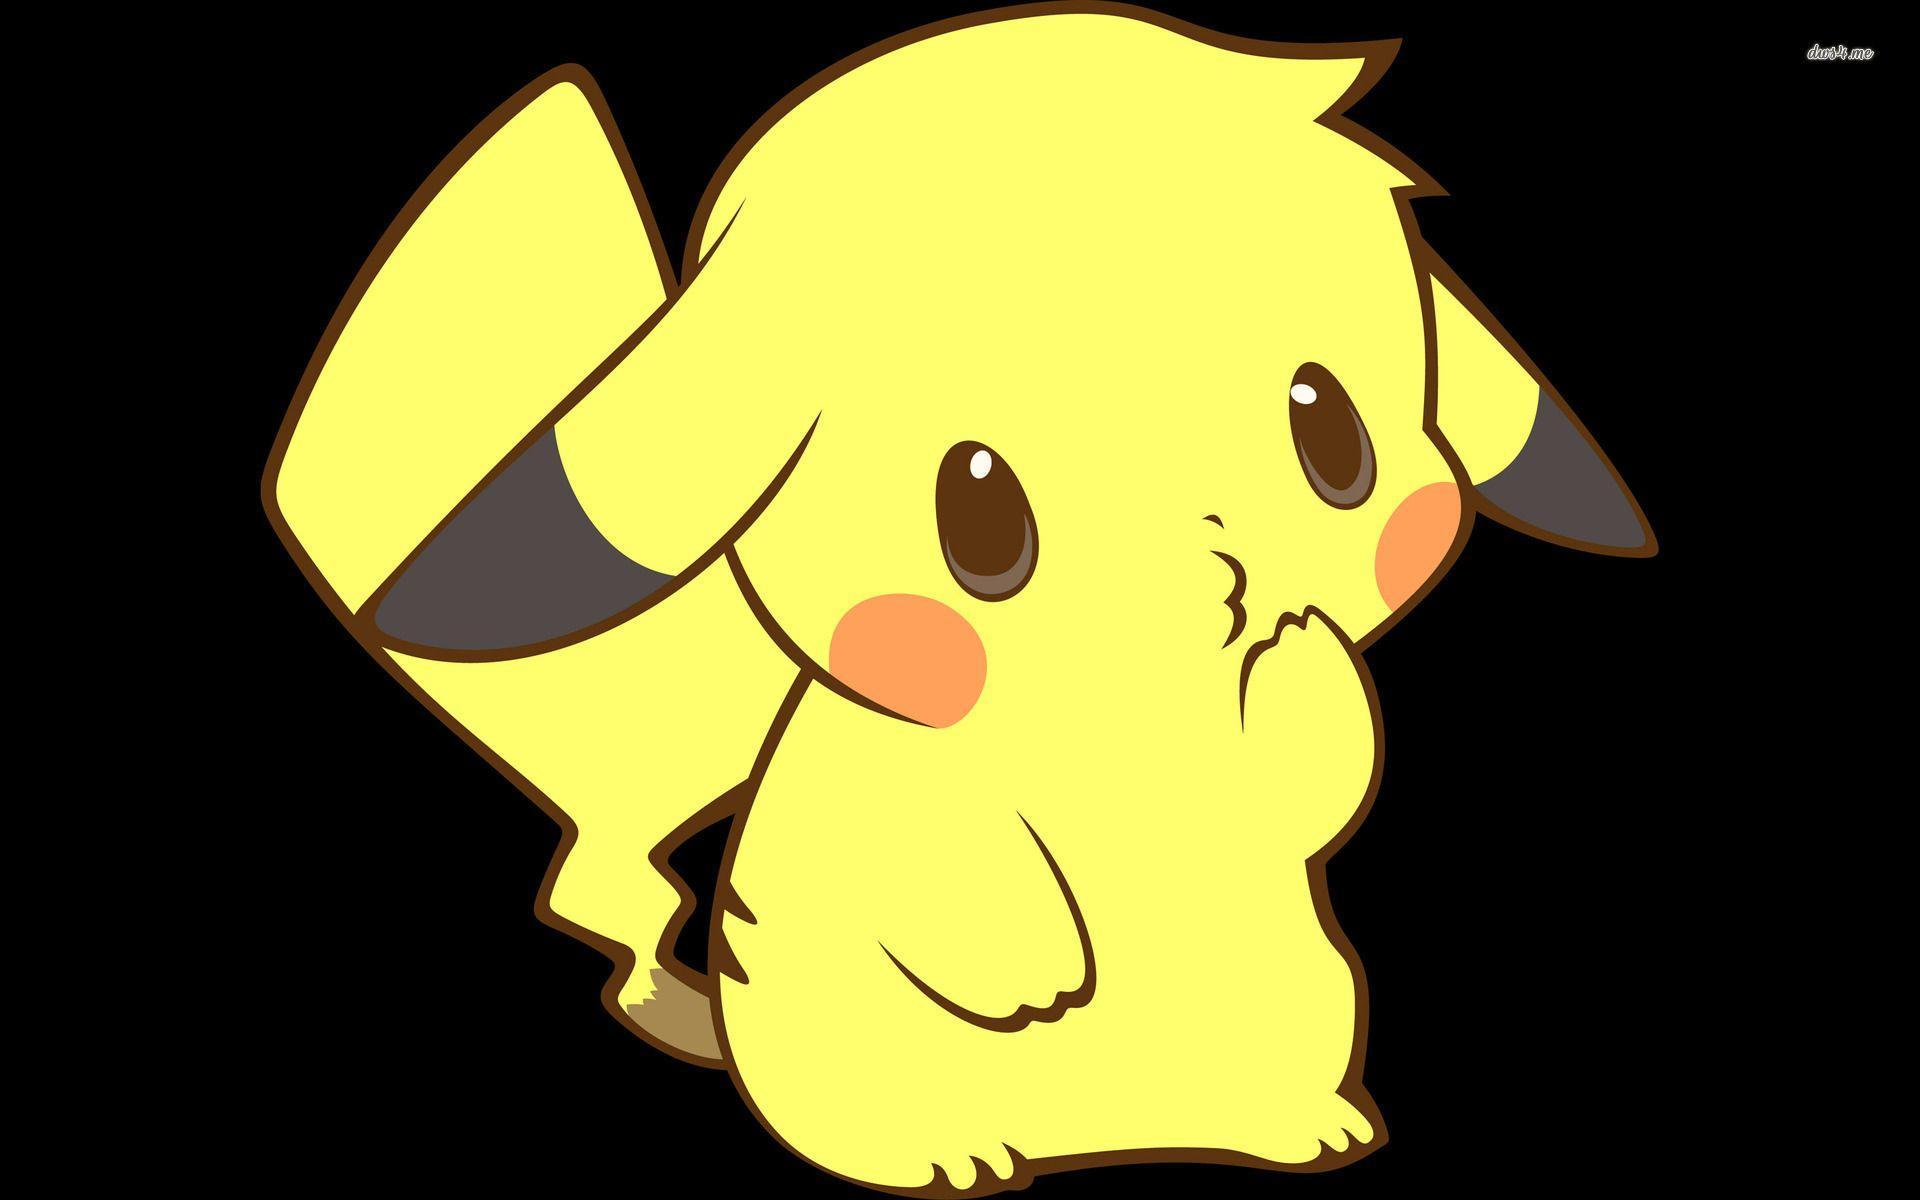 pikachu pokemon wallpaper - photo #32